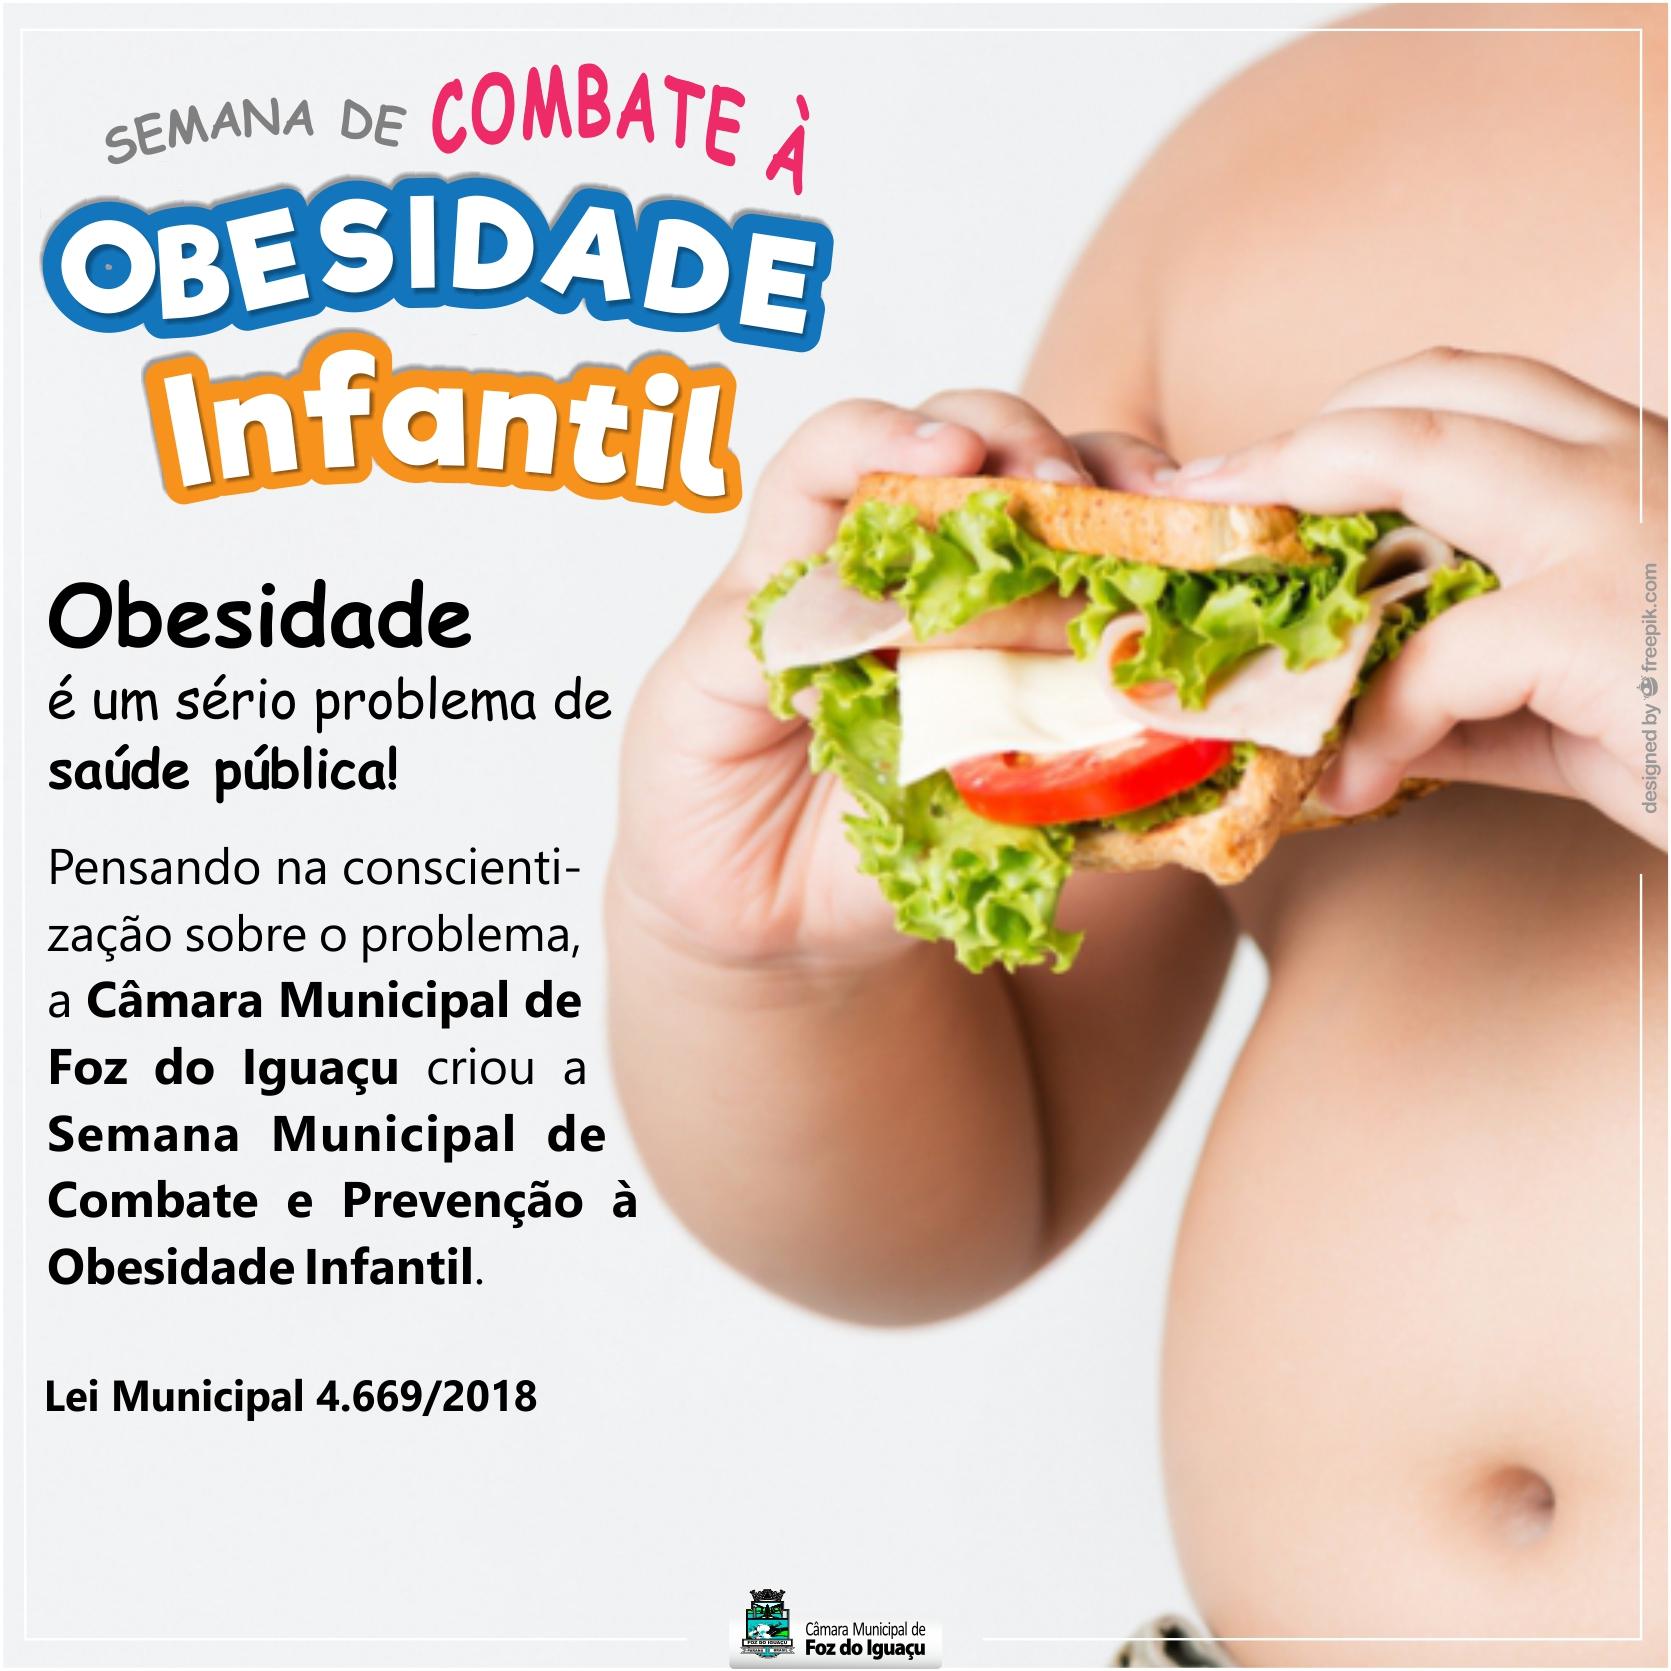 Obesidade é um sério problema de saúde pública!